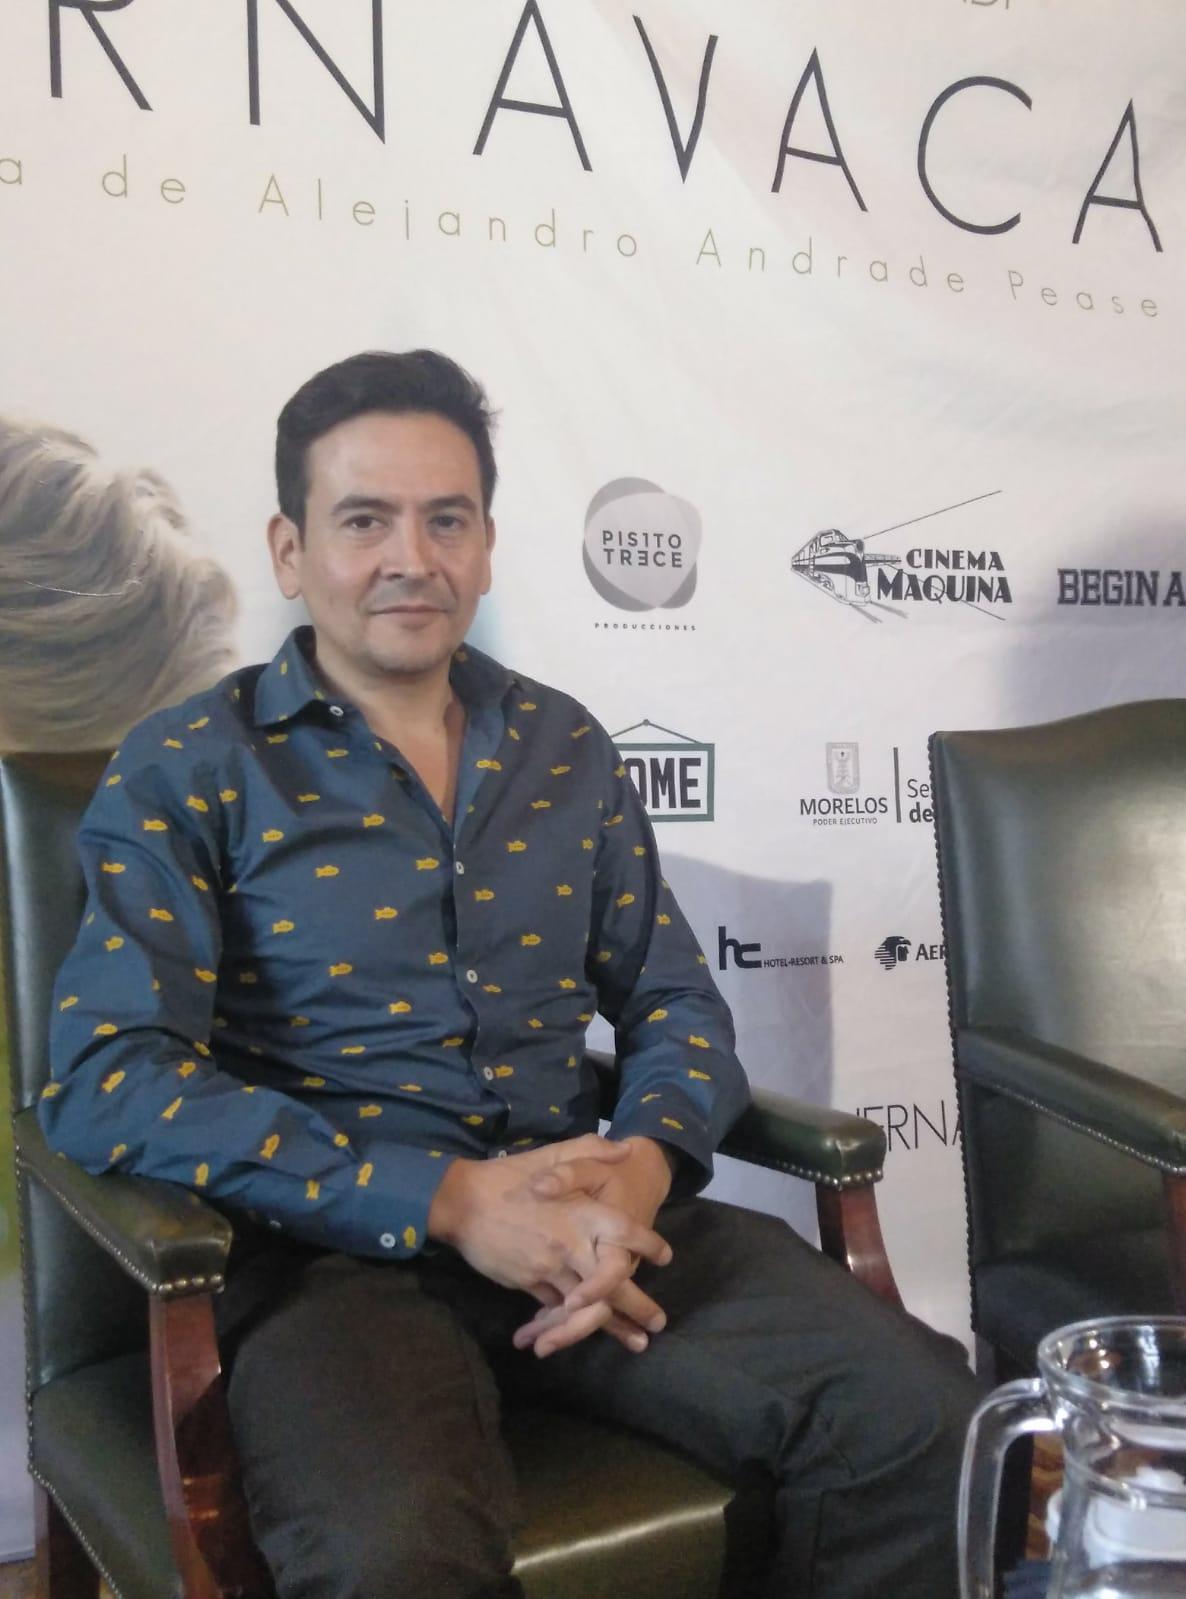 """Alejandro Andrade: """"Cuando estaba escribiendo el guion yo también estaba en un momento de cambio profundo""""."""